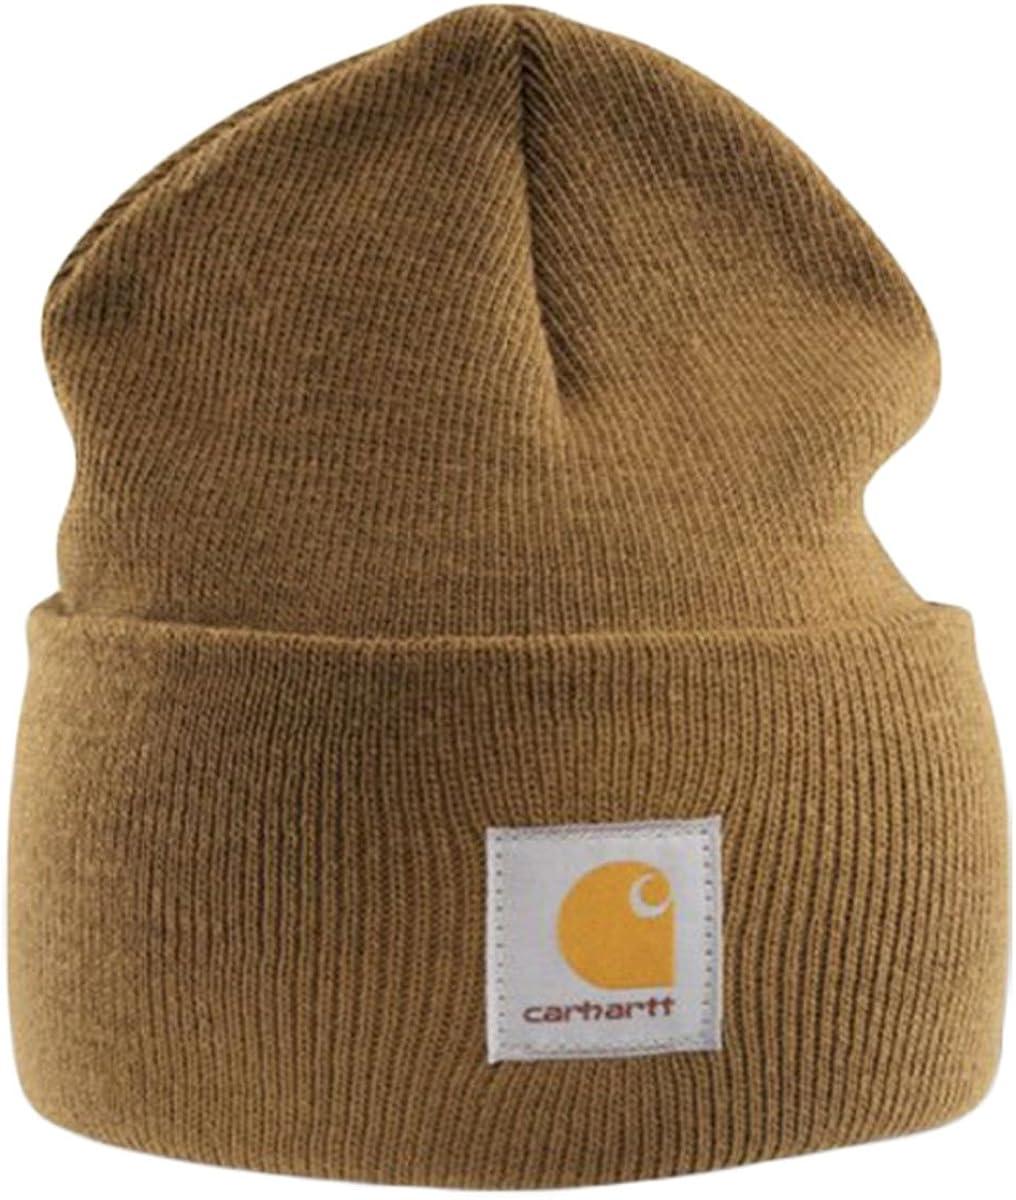 Carhartt Gorra Acrílico - Marrón Sombrero con el Logotipo Gorro de ...